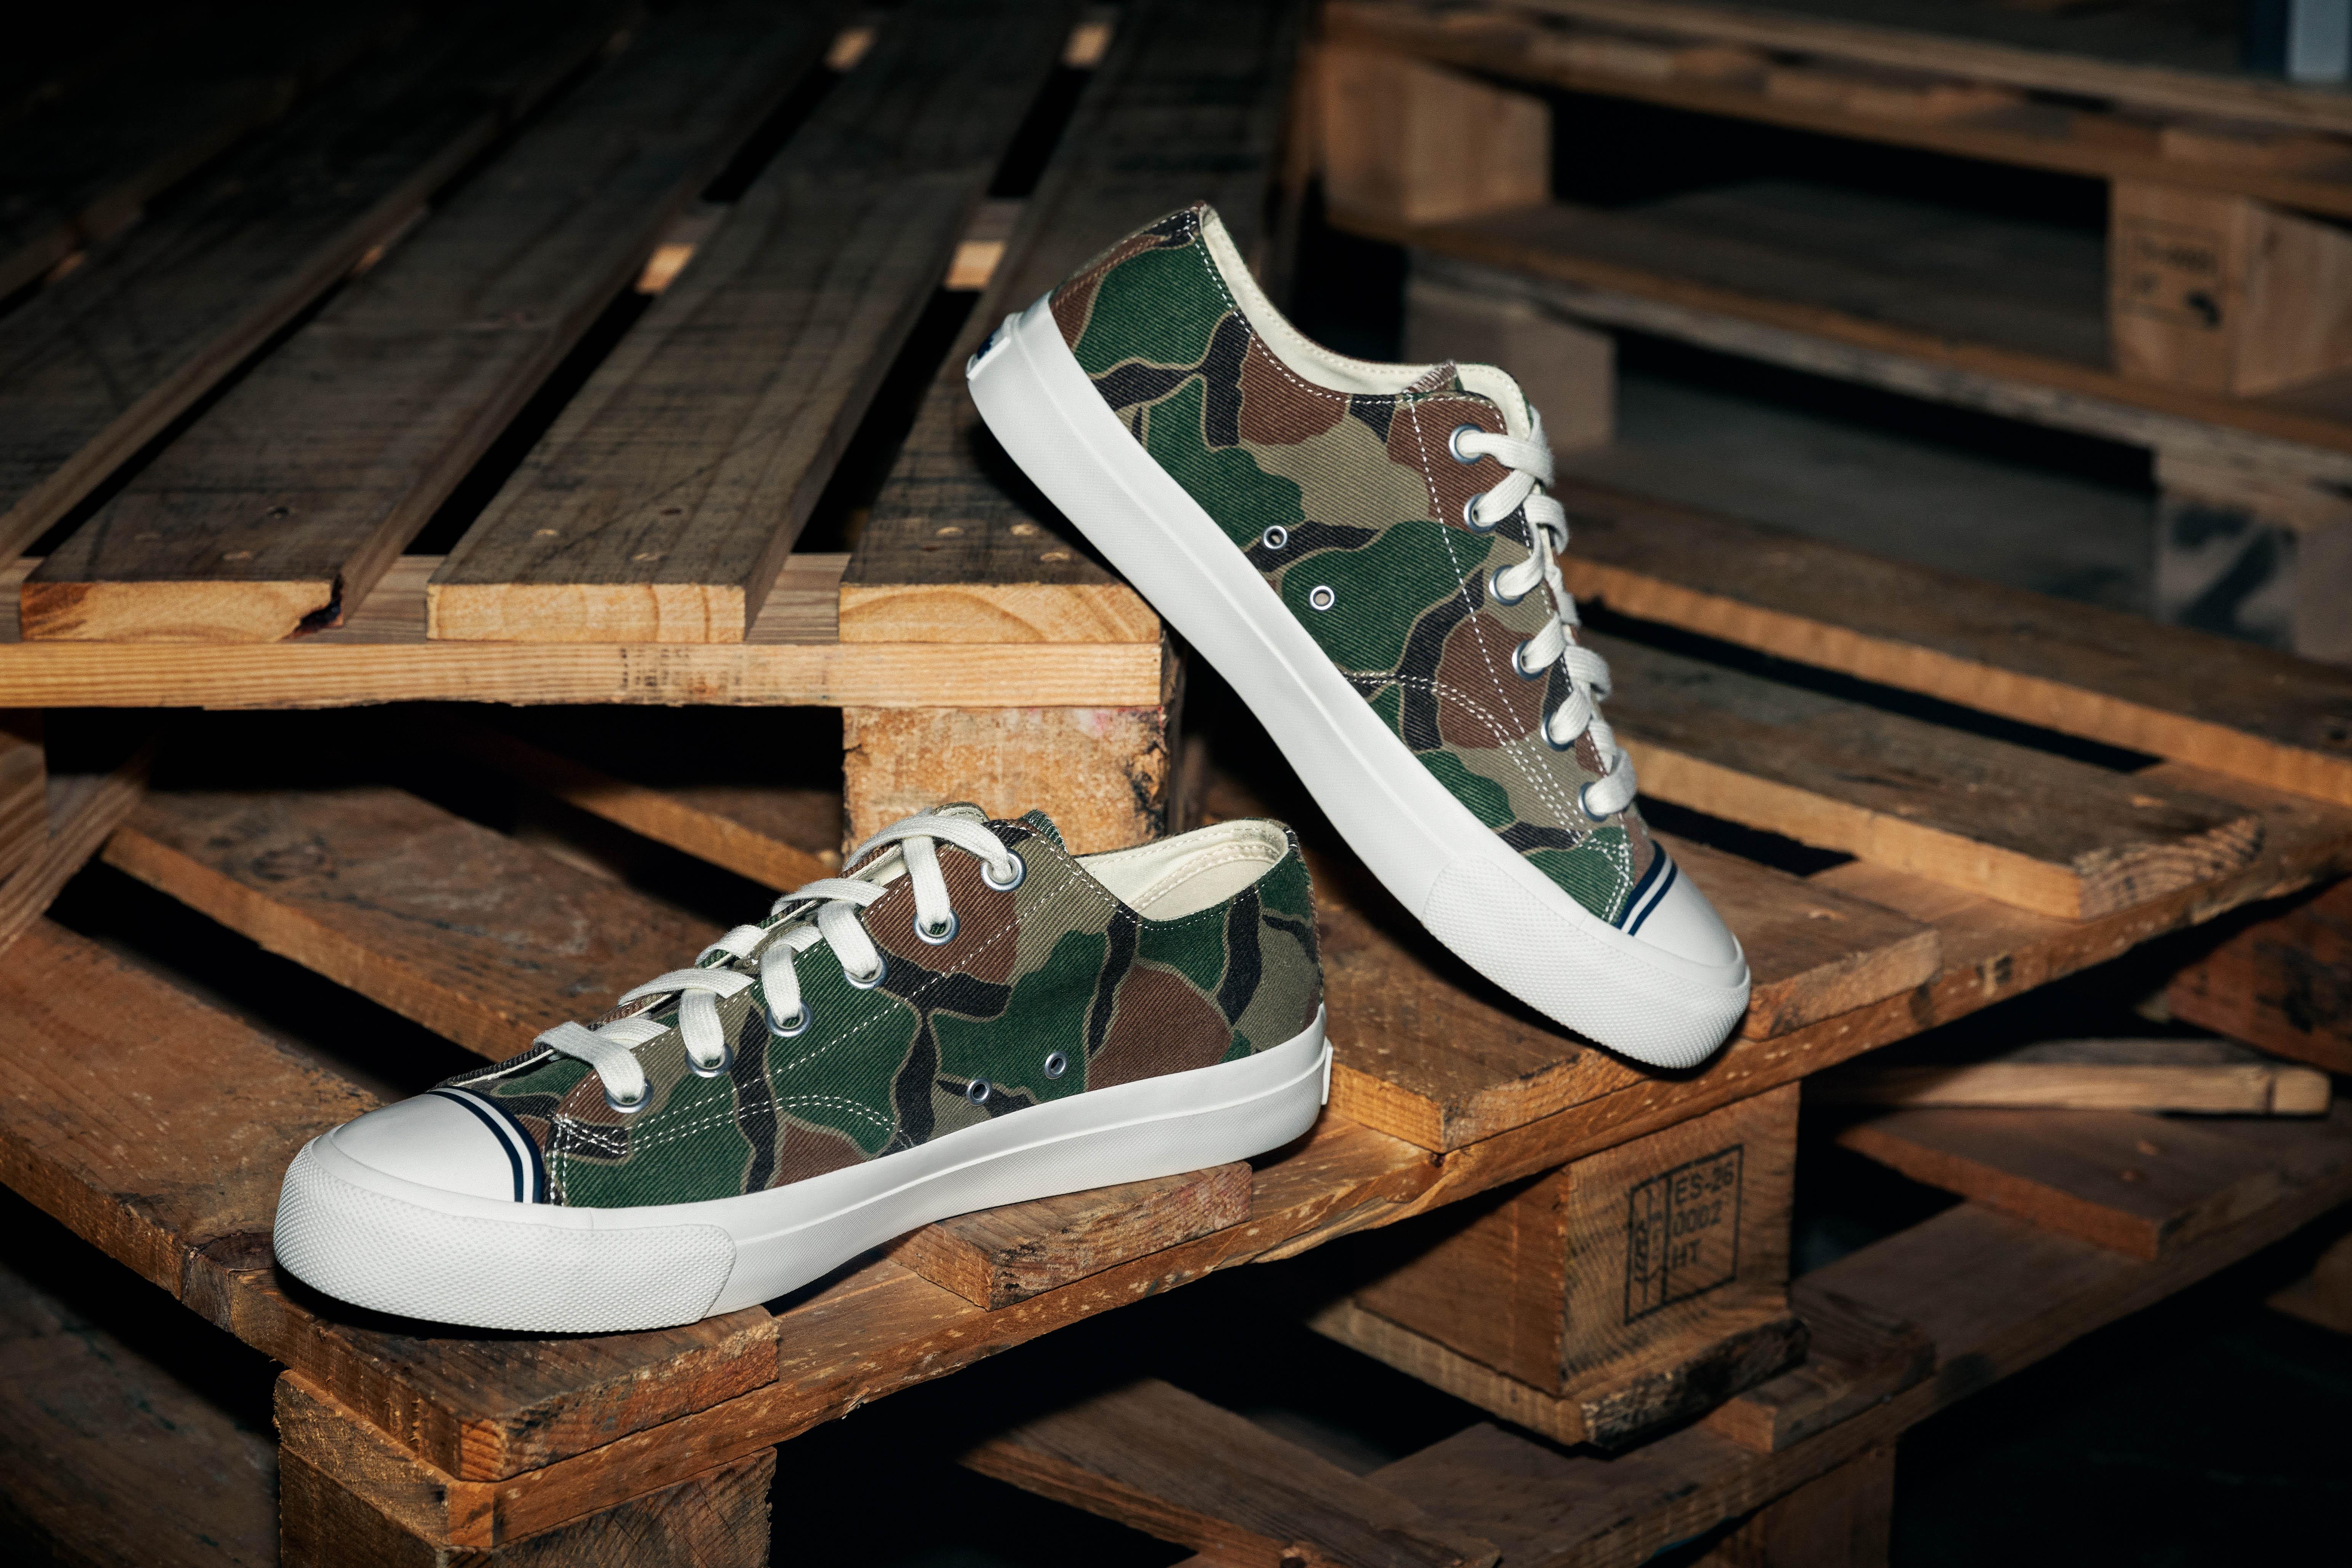 融入缤纷色彩,PRO-Keds 为经典鞋款带来全新配色